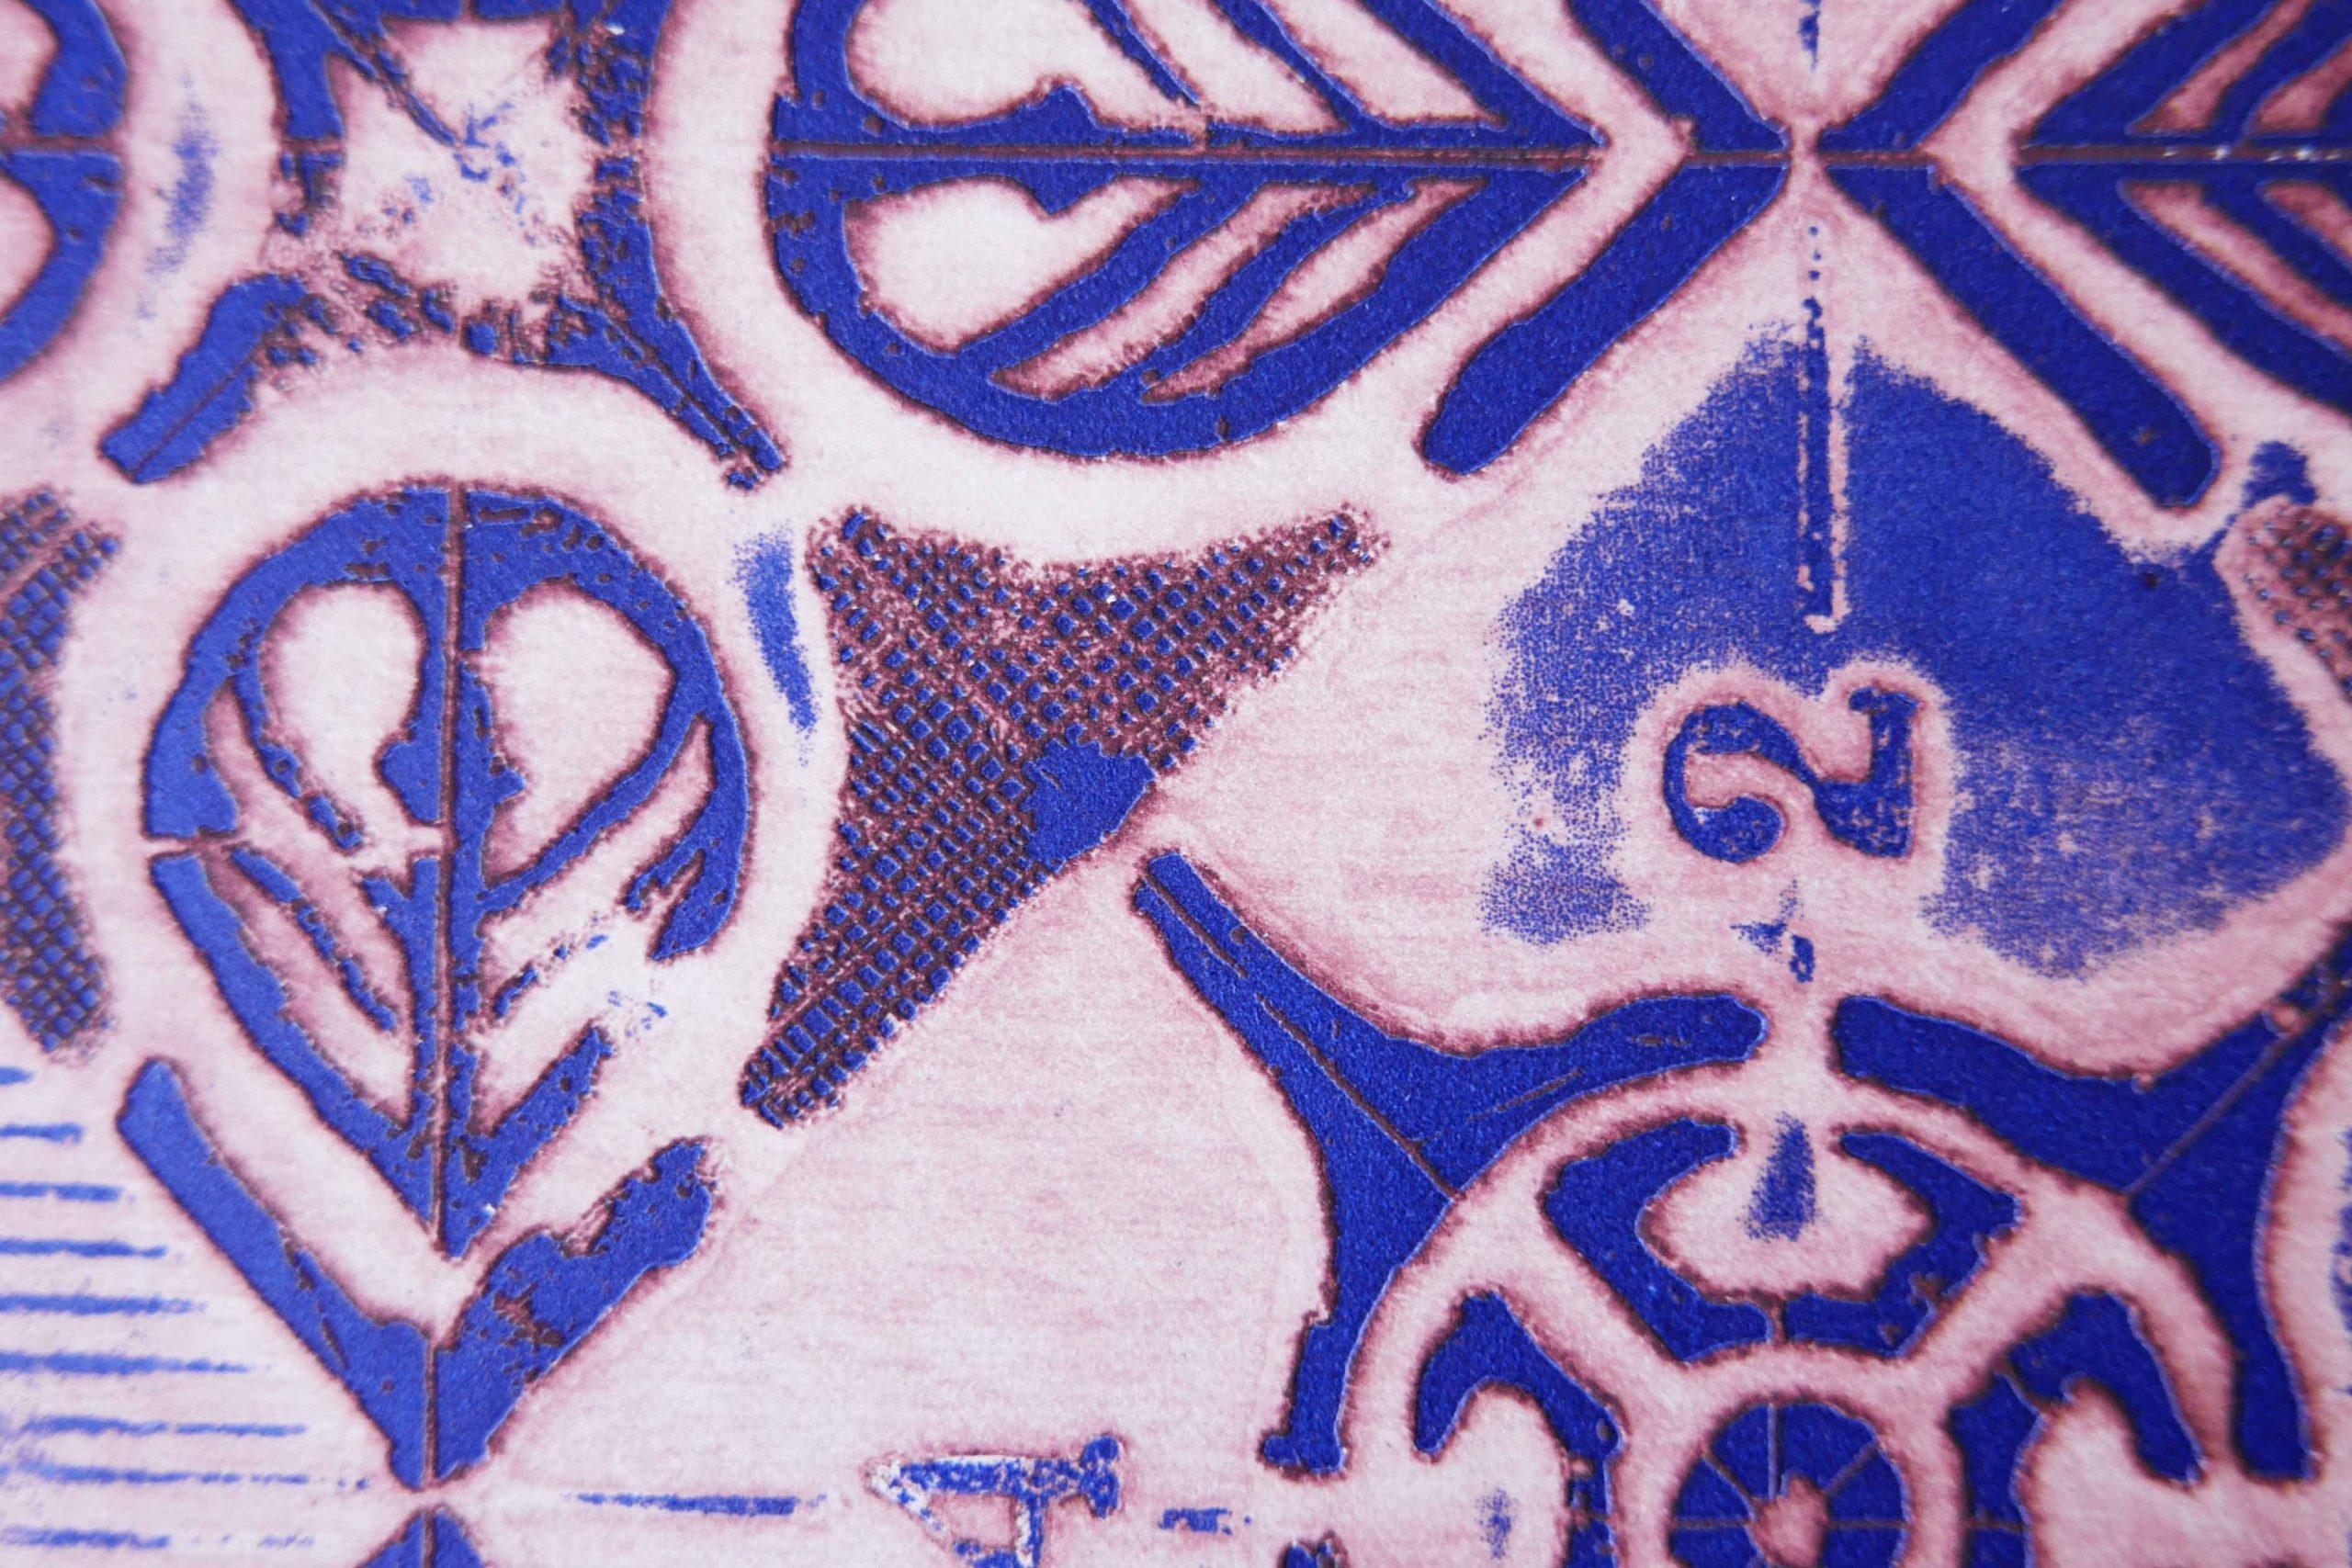 Prägedruck Aquaforta blau und rot Zukunftsvisionen